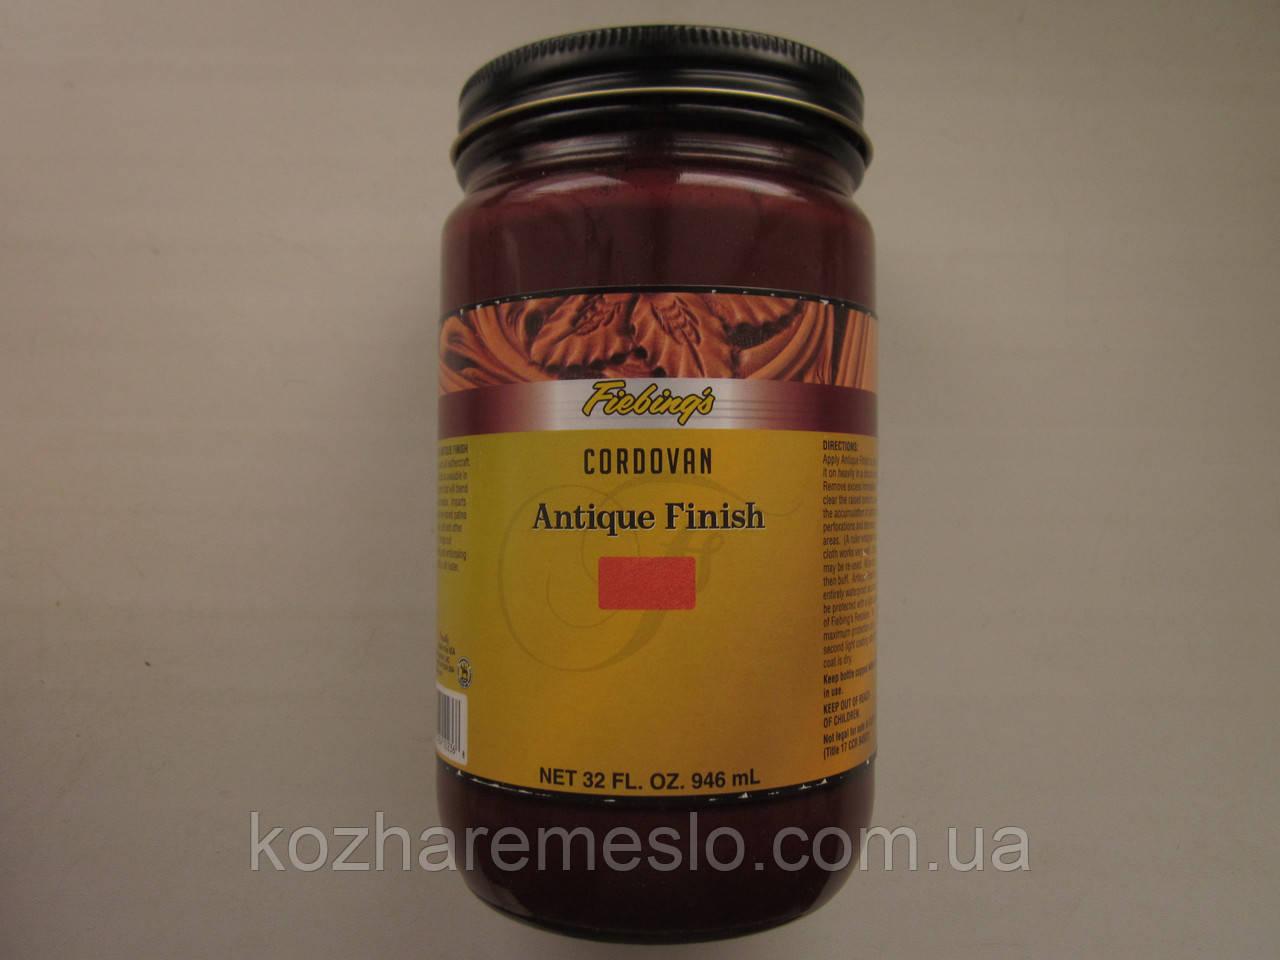 Антик - финиш FIEBING'S для кожи 50 гр cordovan (не фирменная упаковка)